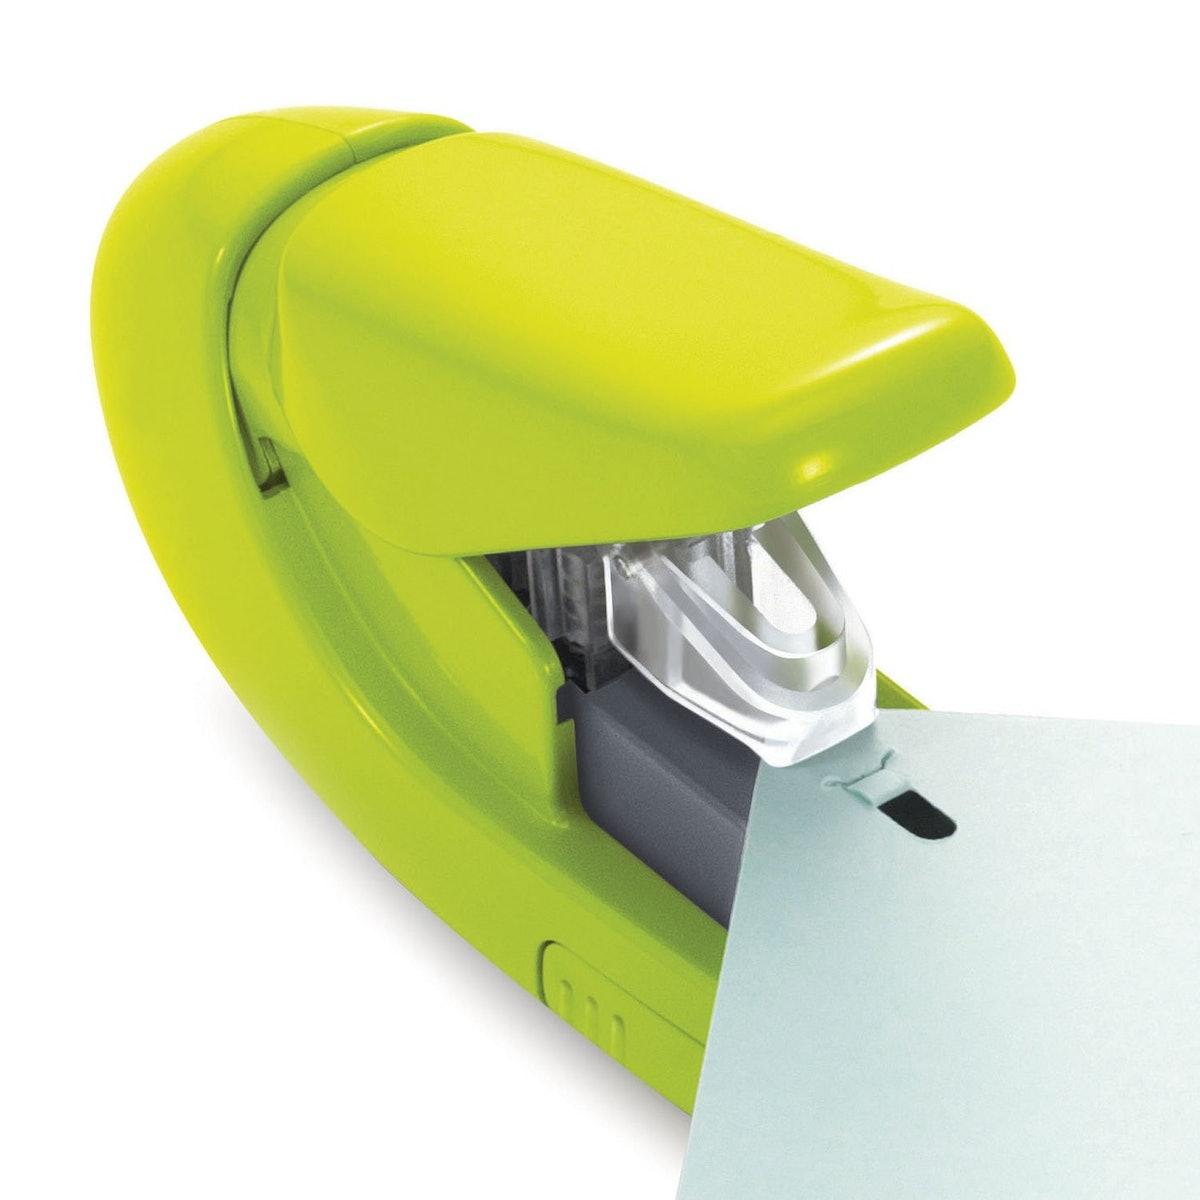 Paper Clinch Stapler